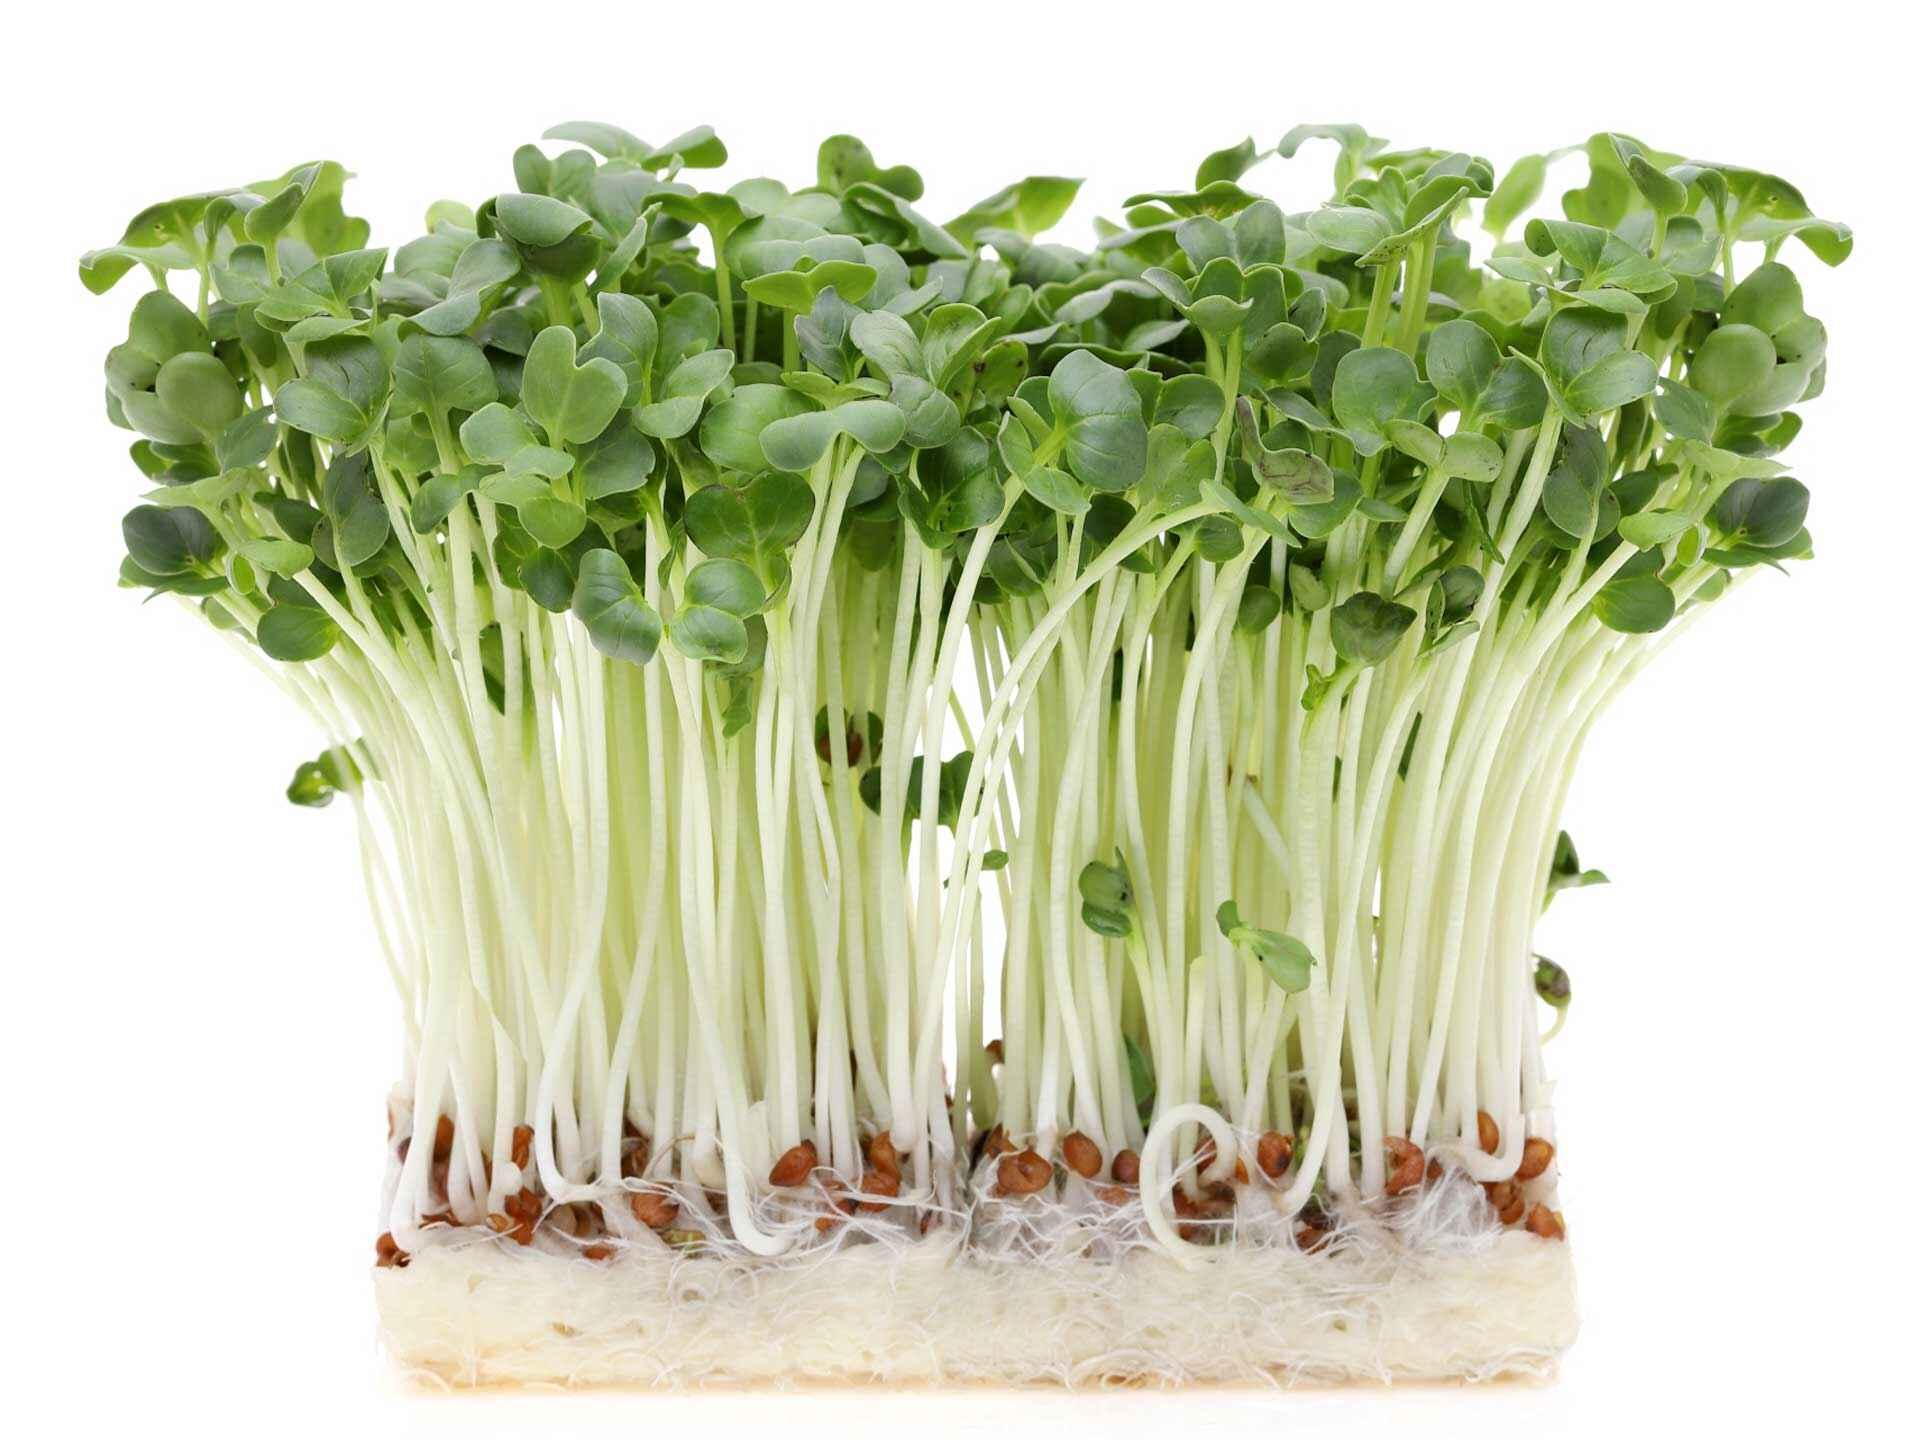 成長するための栄養素が凝縮、ファイトケミカルも豊富 ...